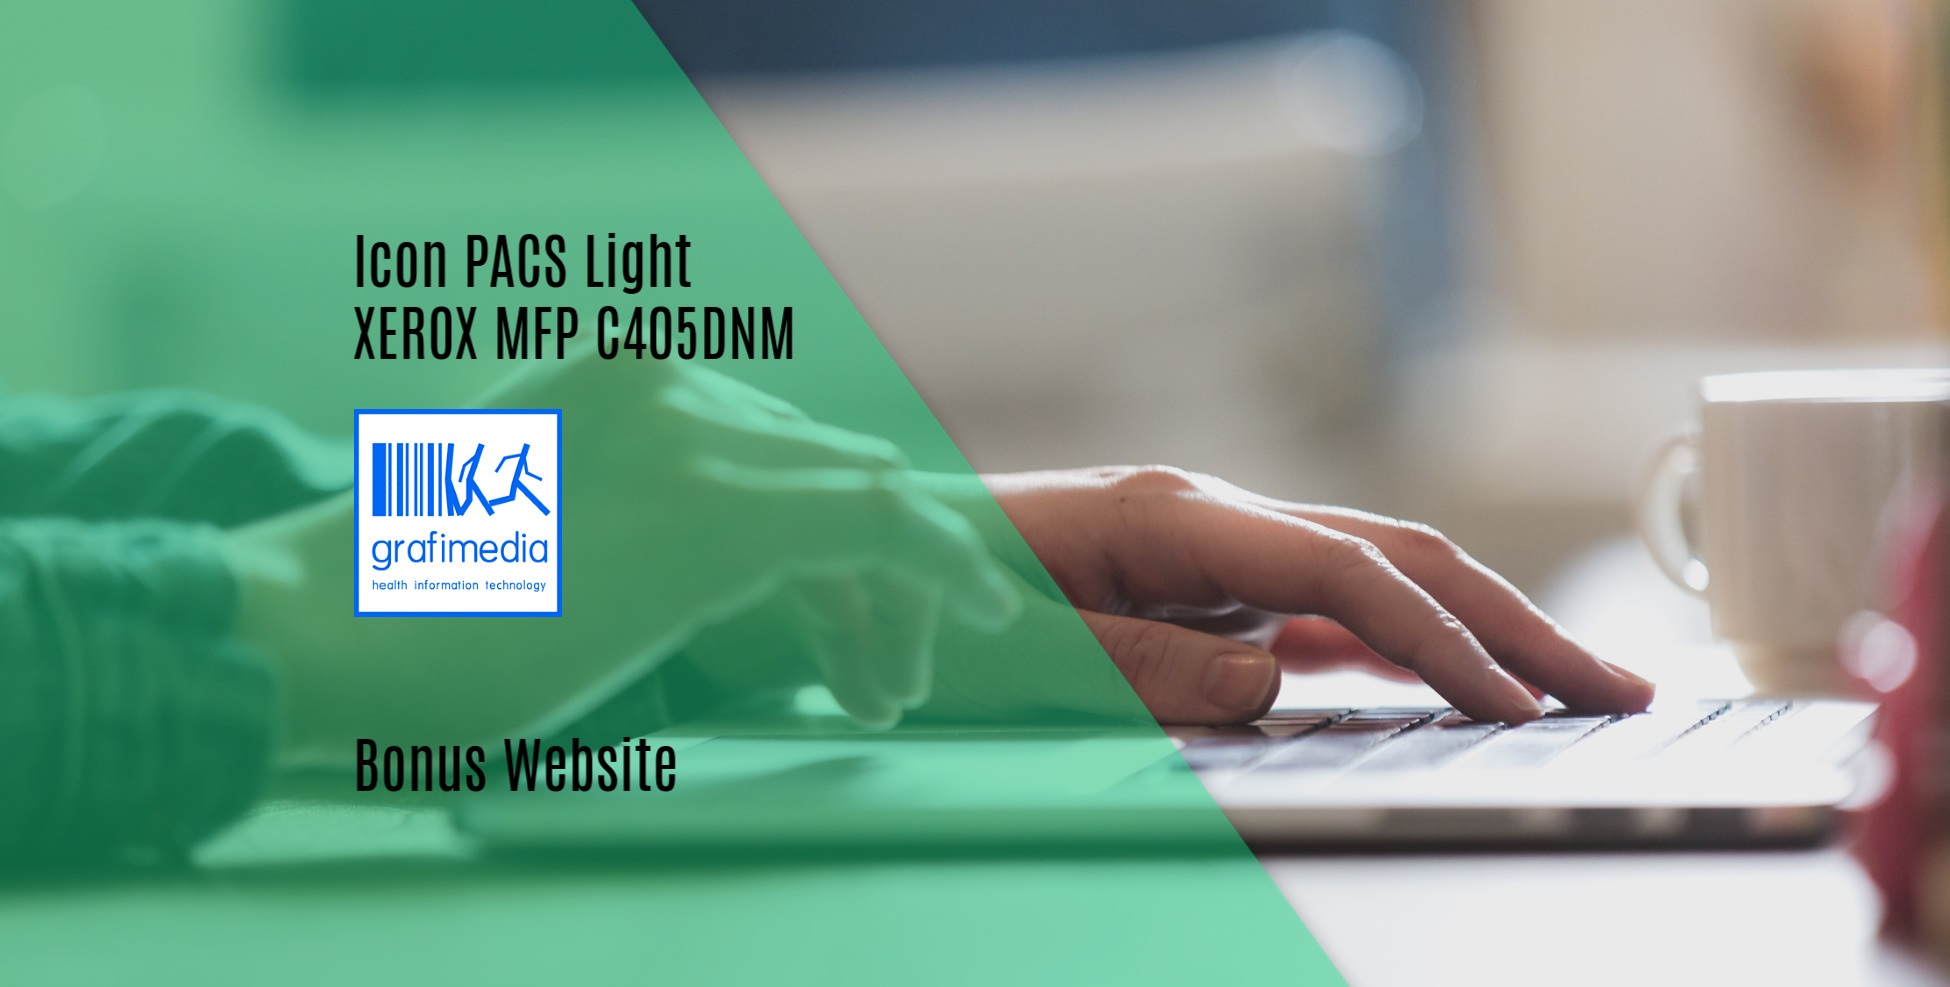 Αγοράστε τώρα σε προνομιακή τιμή το Icon PACS Light μαζί με XEROX MFP C405DNM